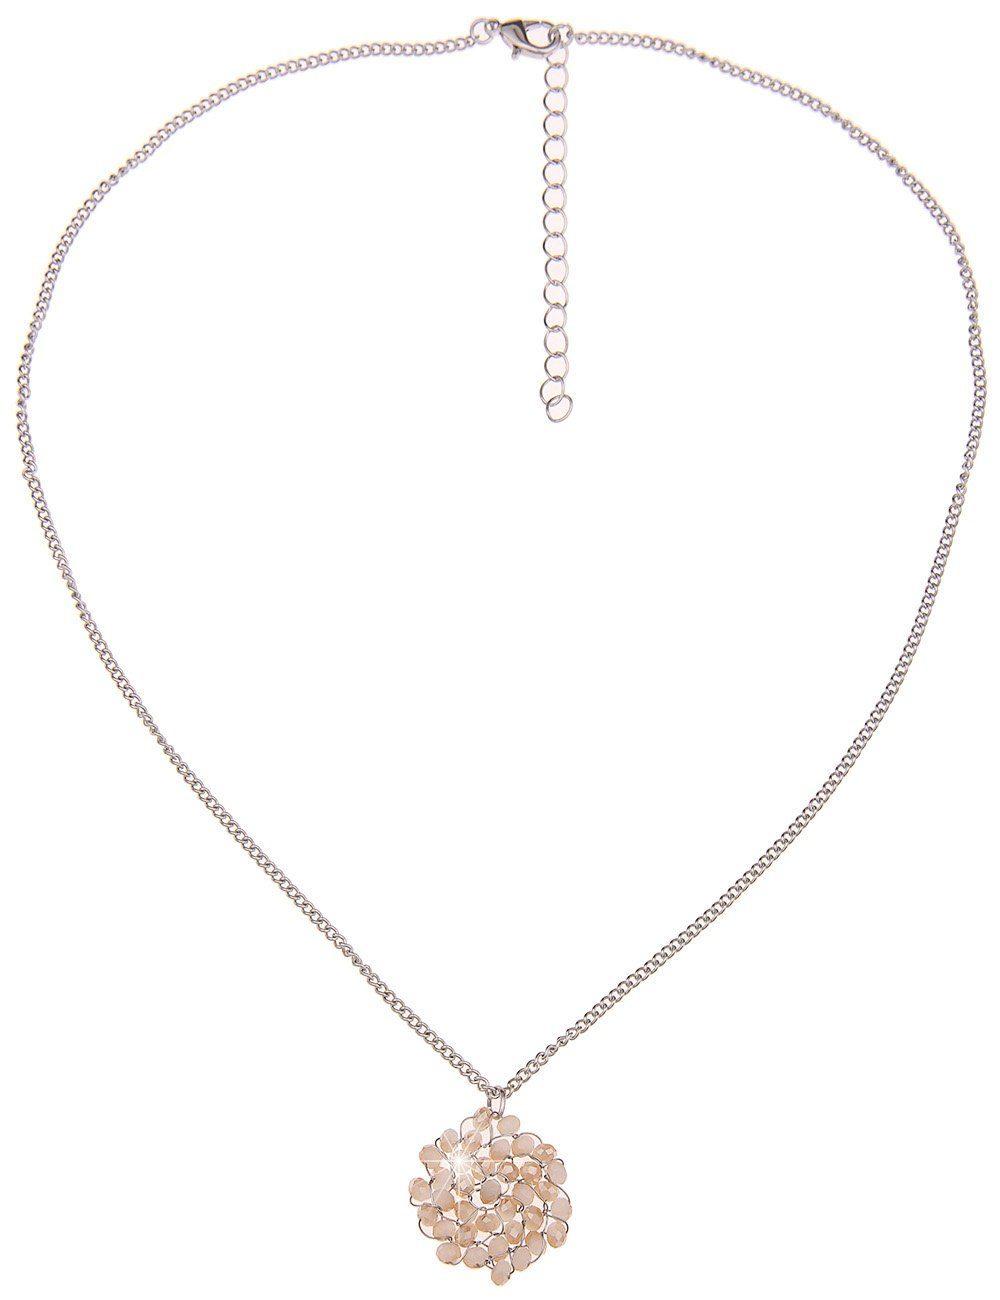 Leslii Halskette mit verdrahteten Glasperlen